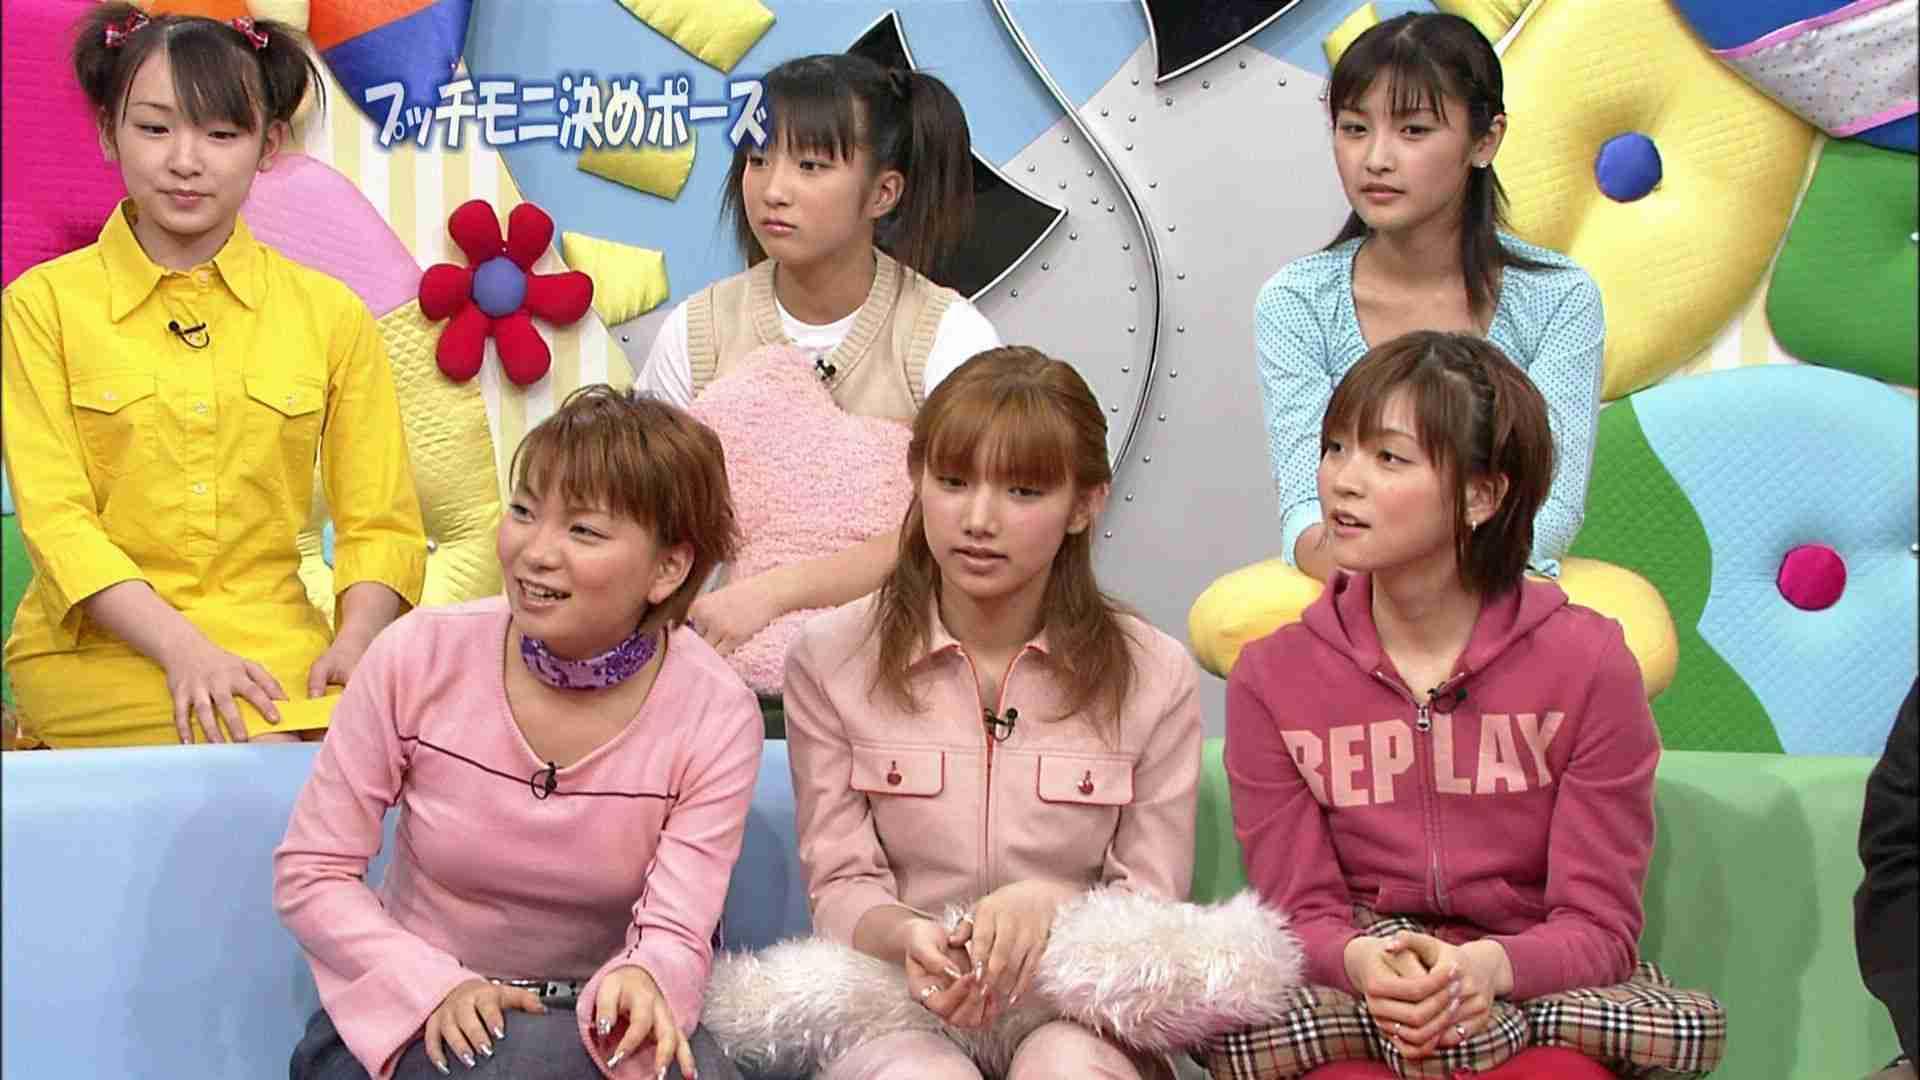 保田圭、モー娘。5年間のPV総出演時間は3分45秒